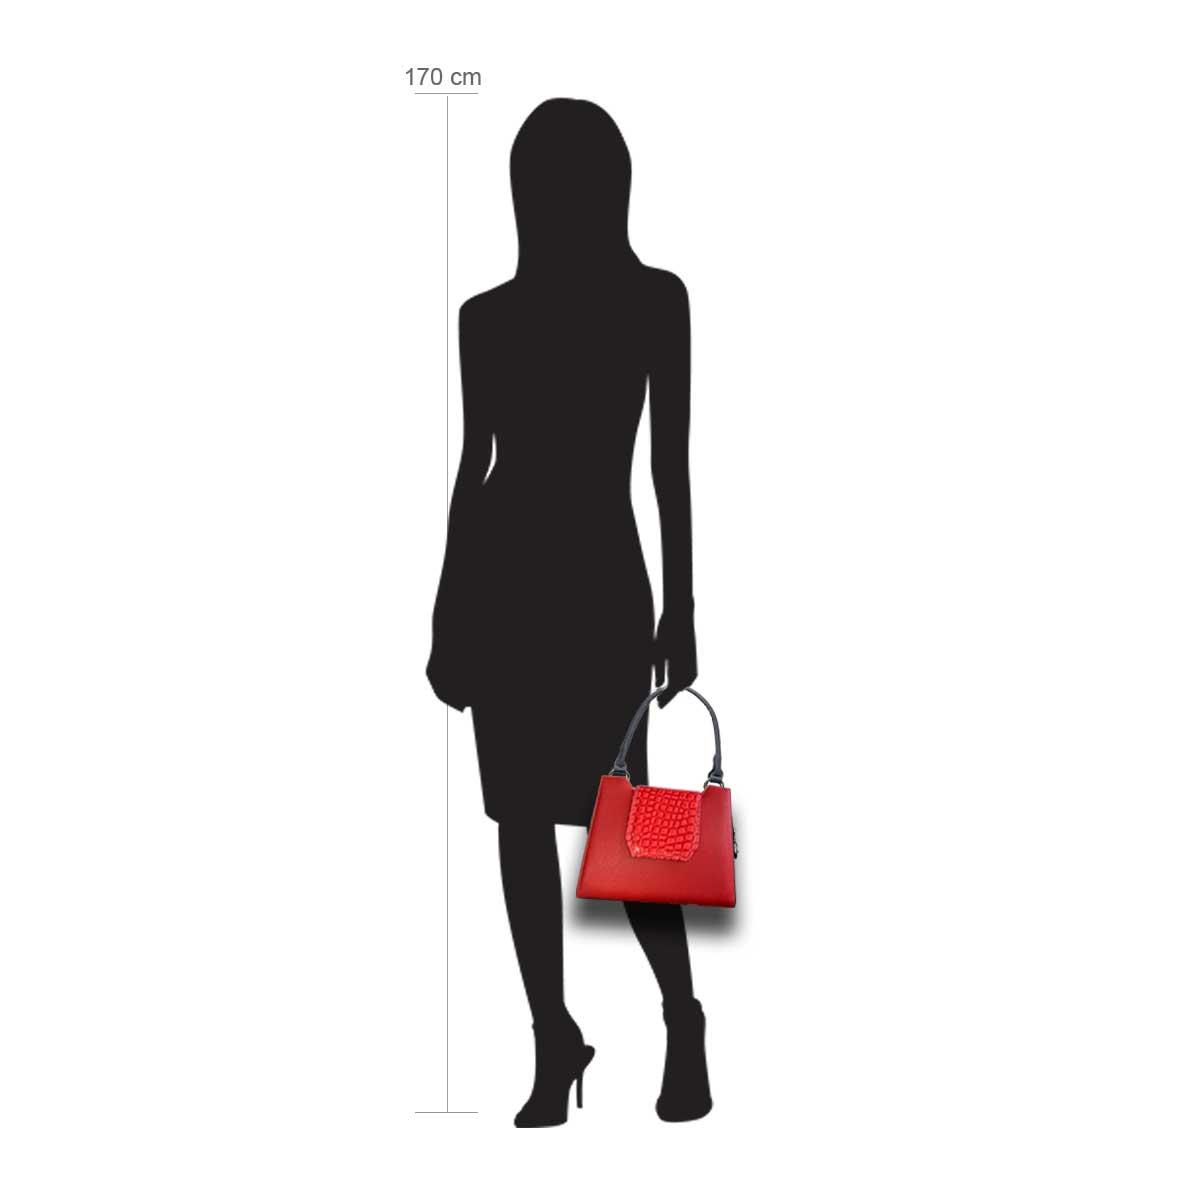 Modellpuppe 170 cm groß zeigt die Handtaschengröße an der Person Modell:Brisbane